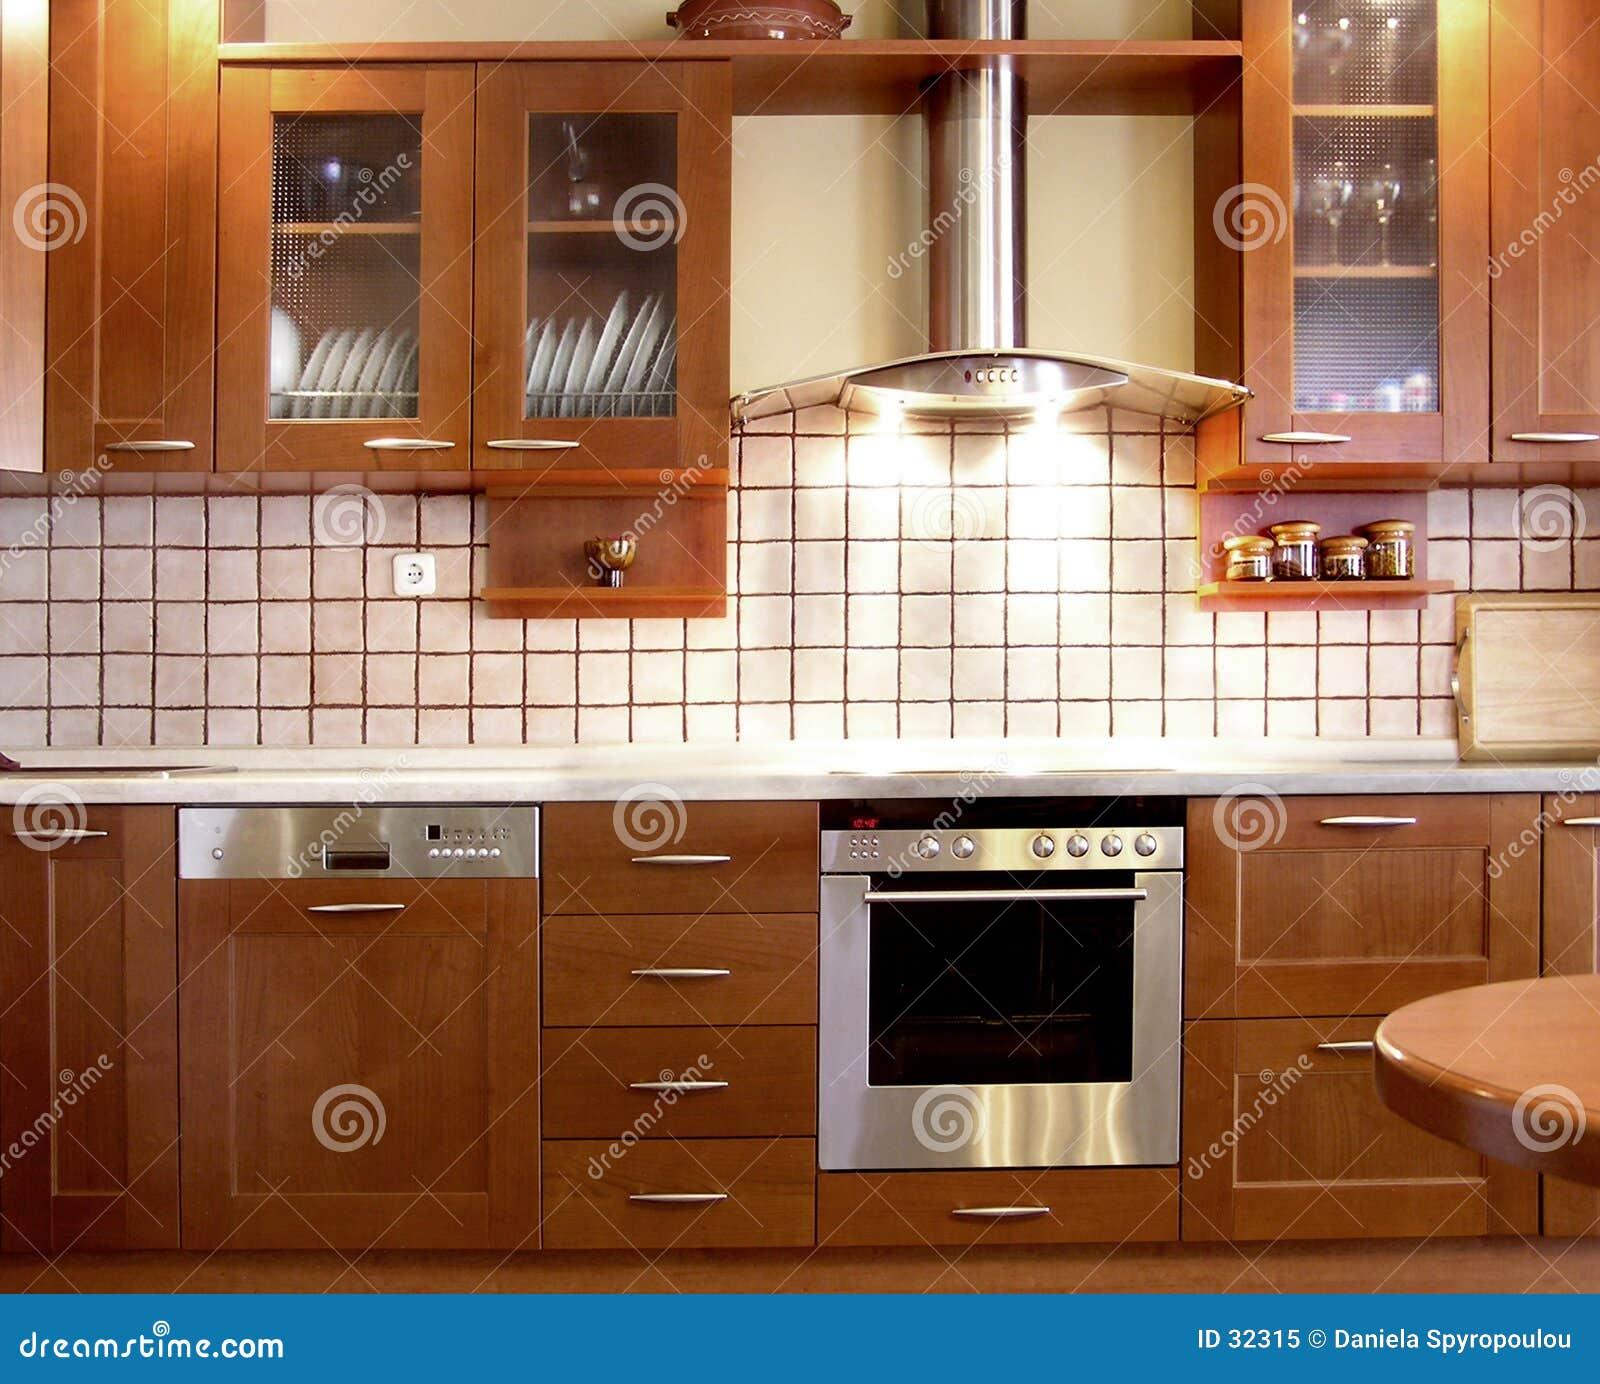 Disegno della cucina della ciliegia